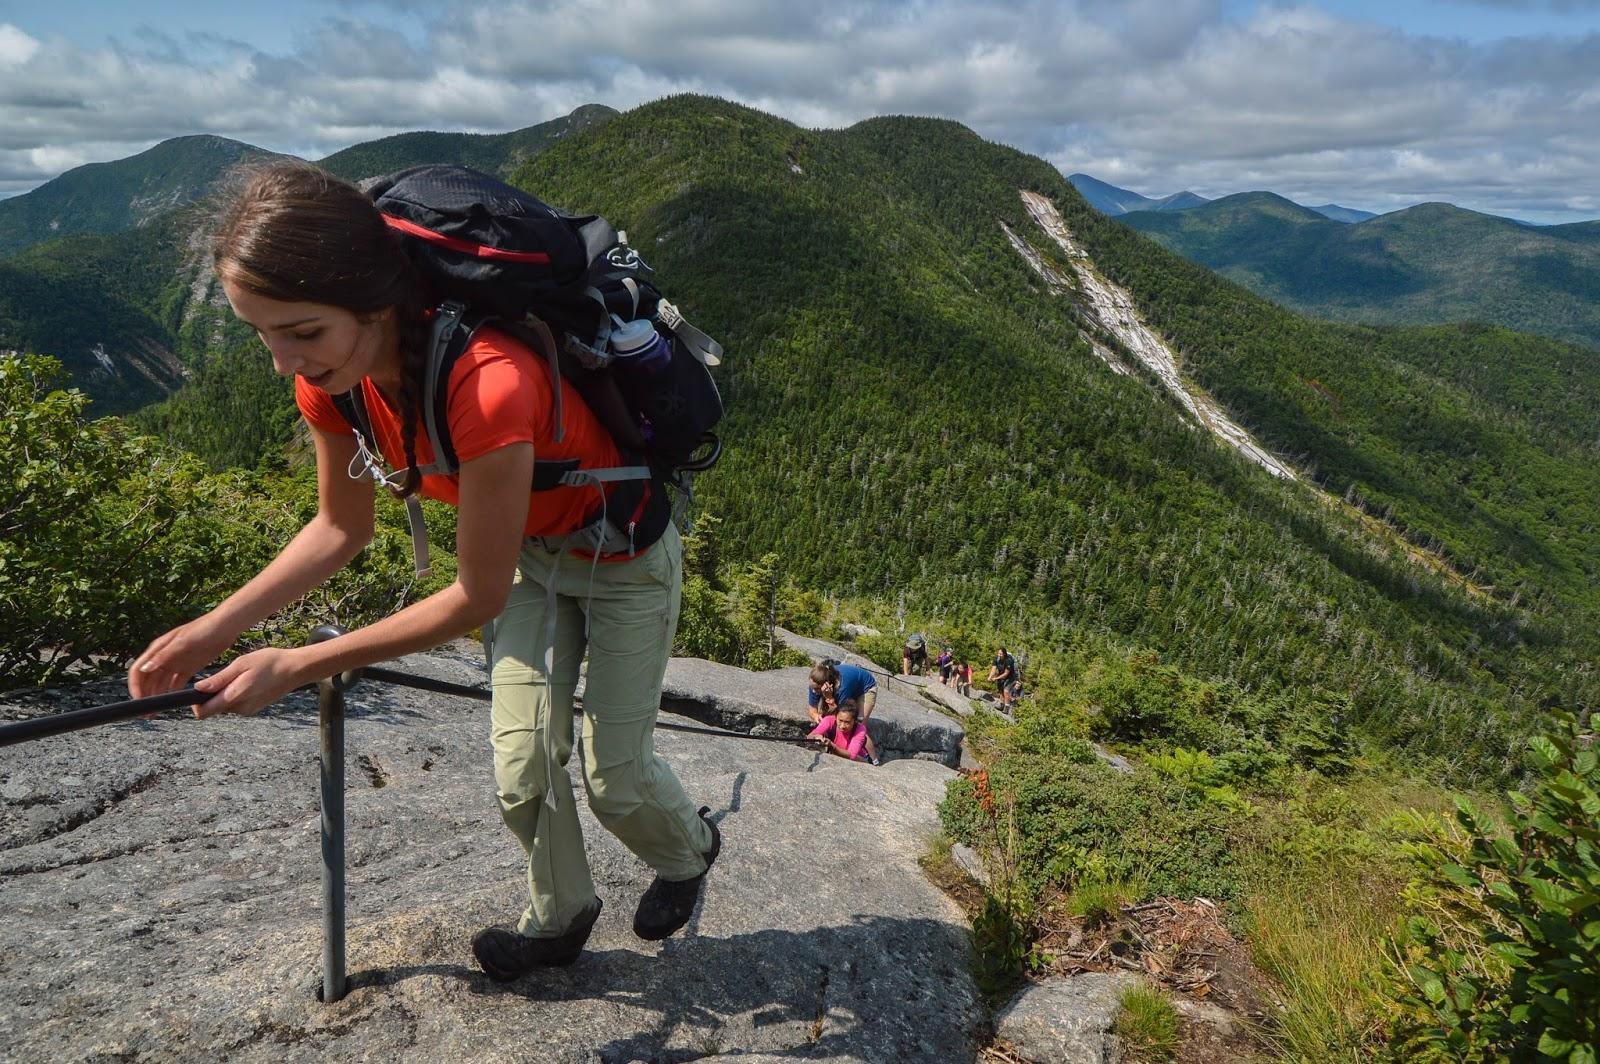 Adirondacks boy camp teen